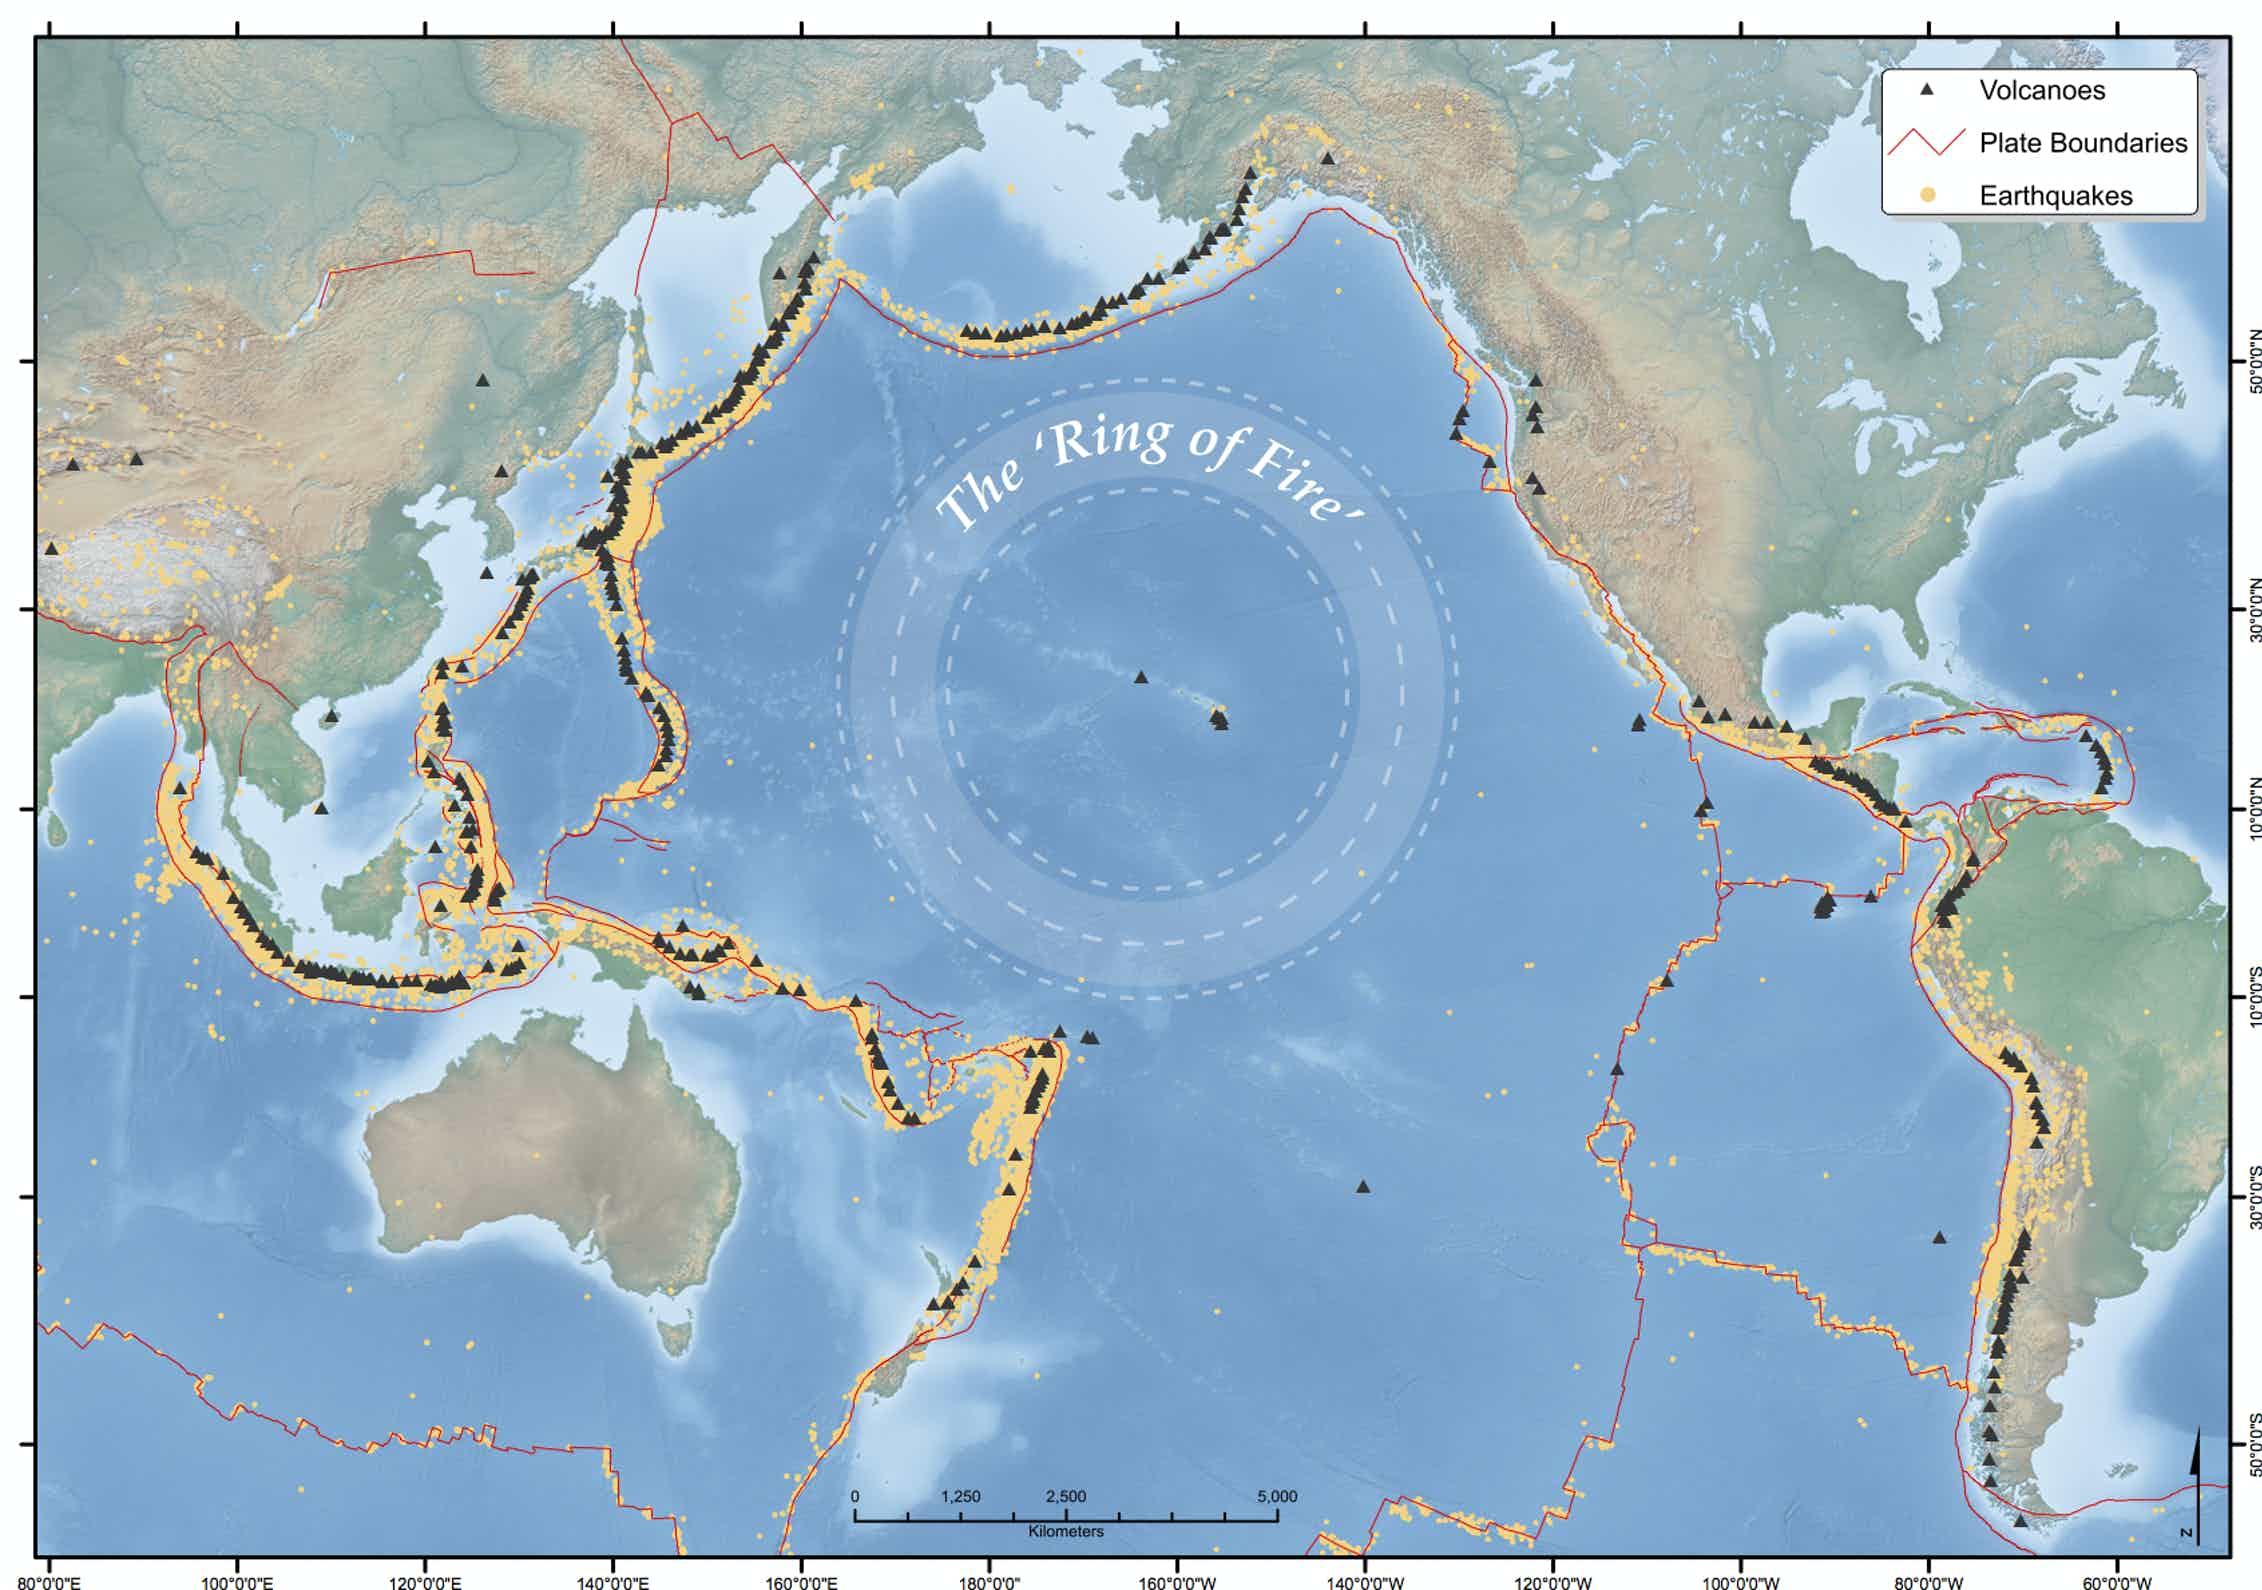 Извержение вулкана Кракатау и конец света в сети (про большие глаза страха)